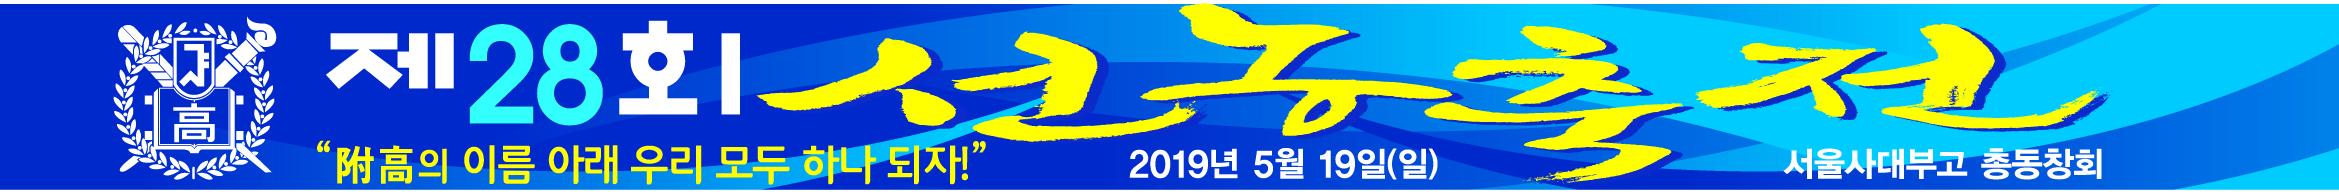 28선농축전현수막.jpg